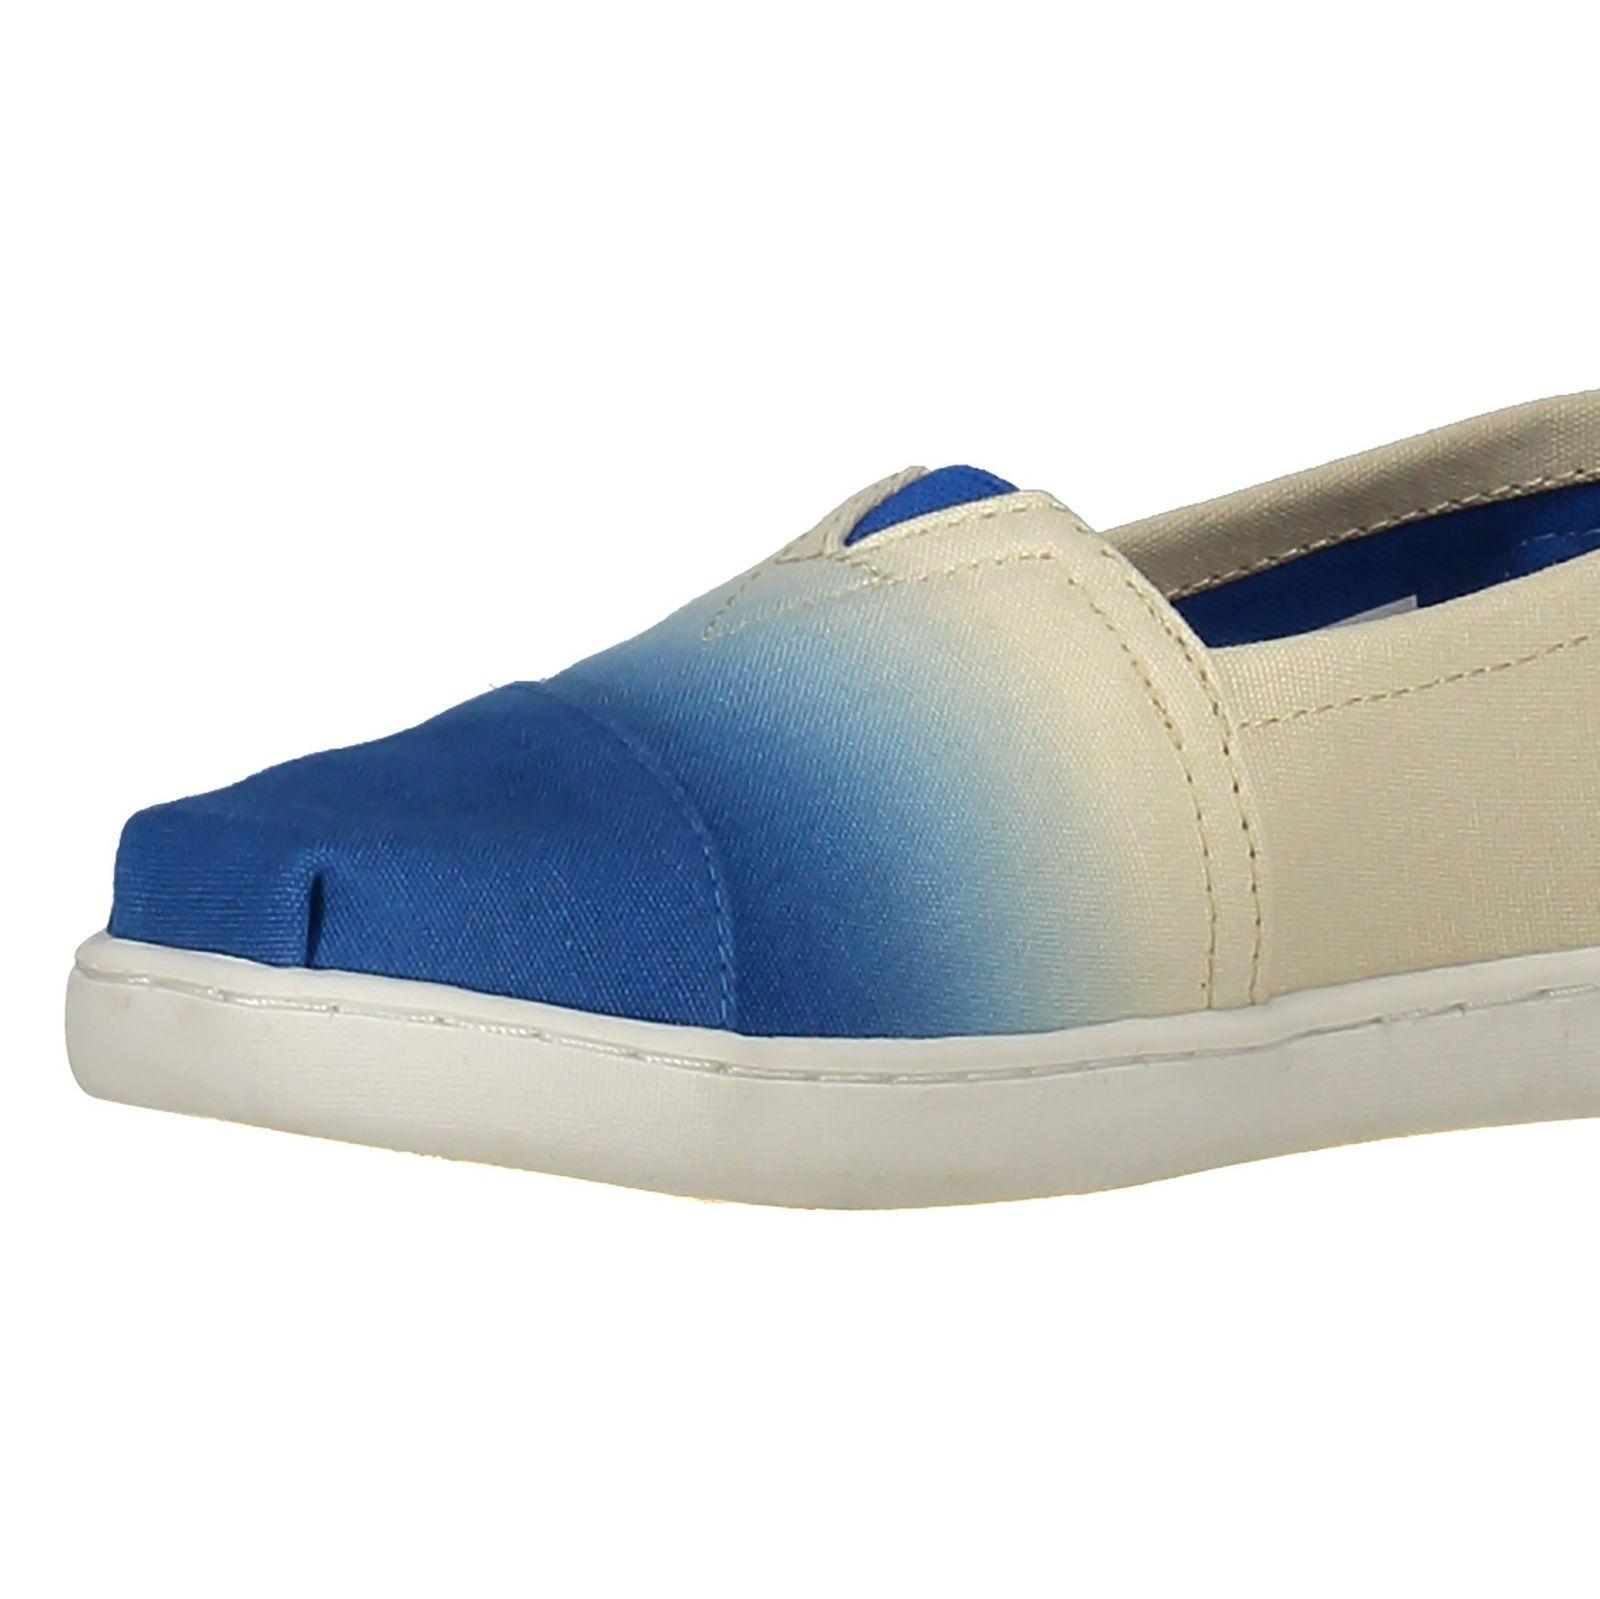 کفش راحتی نخی بچگانه - تامز - سفيد آبي - 6